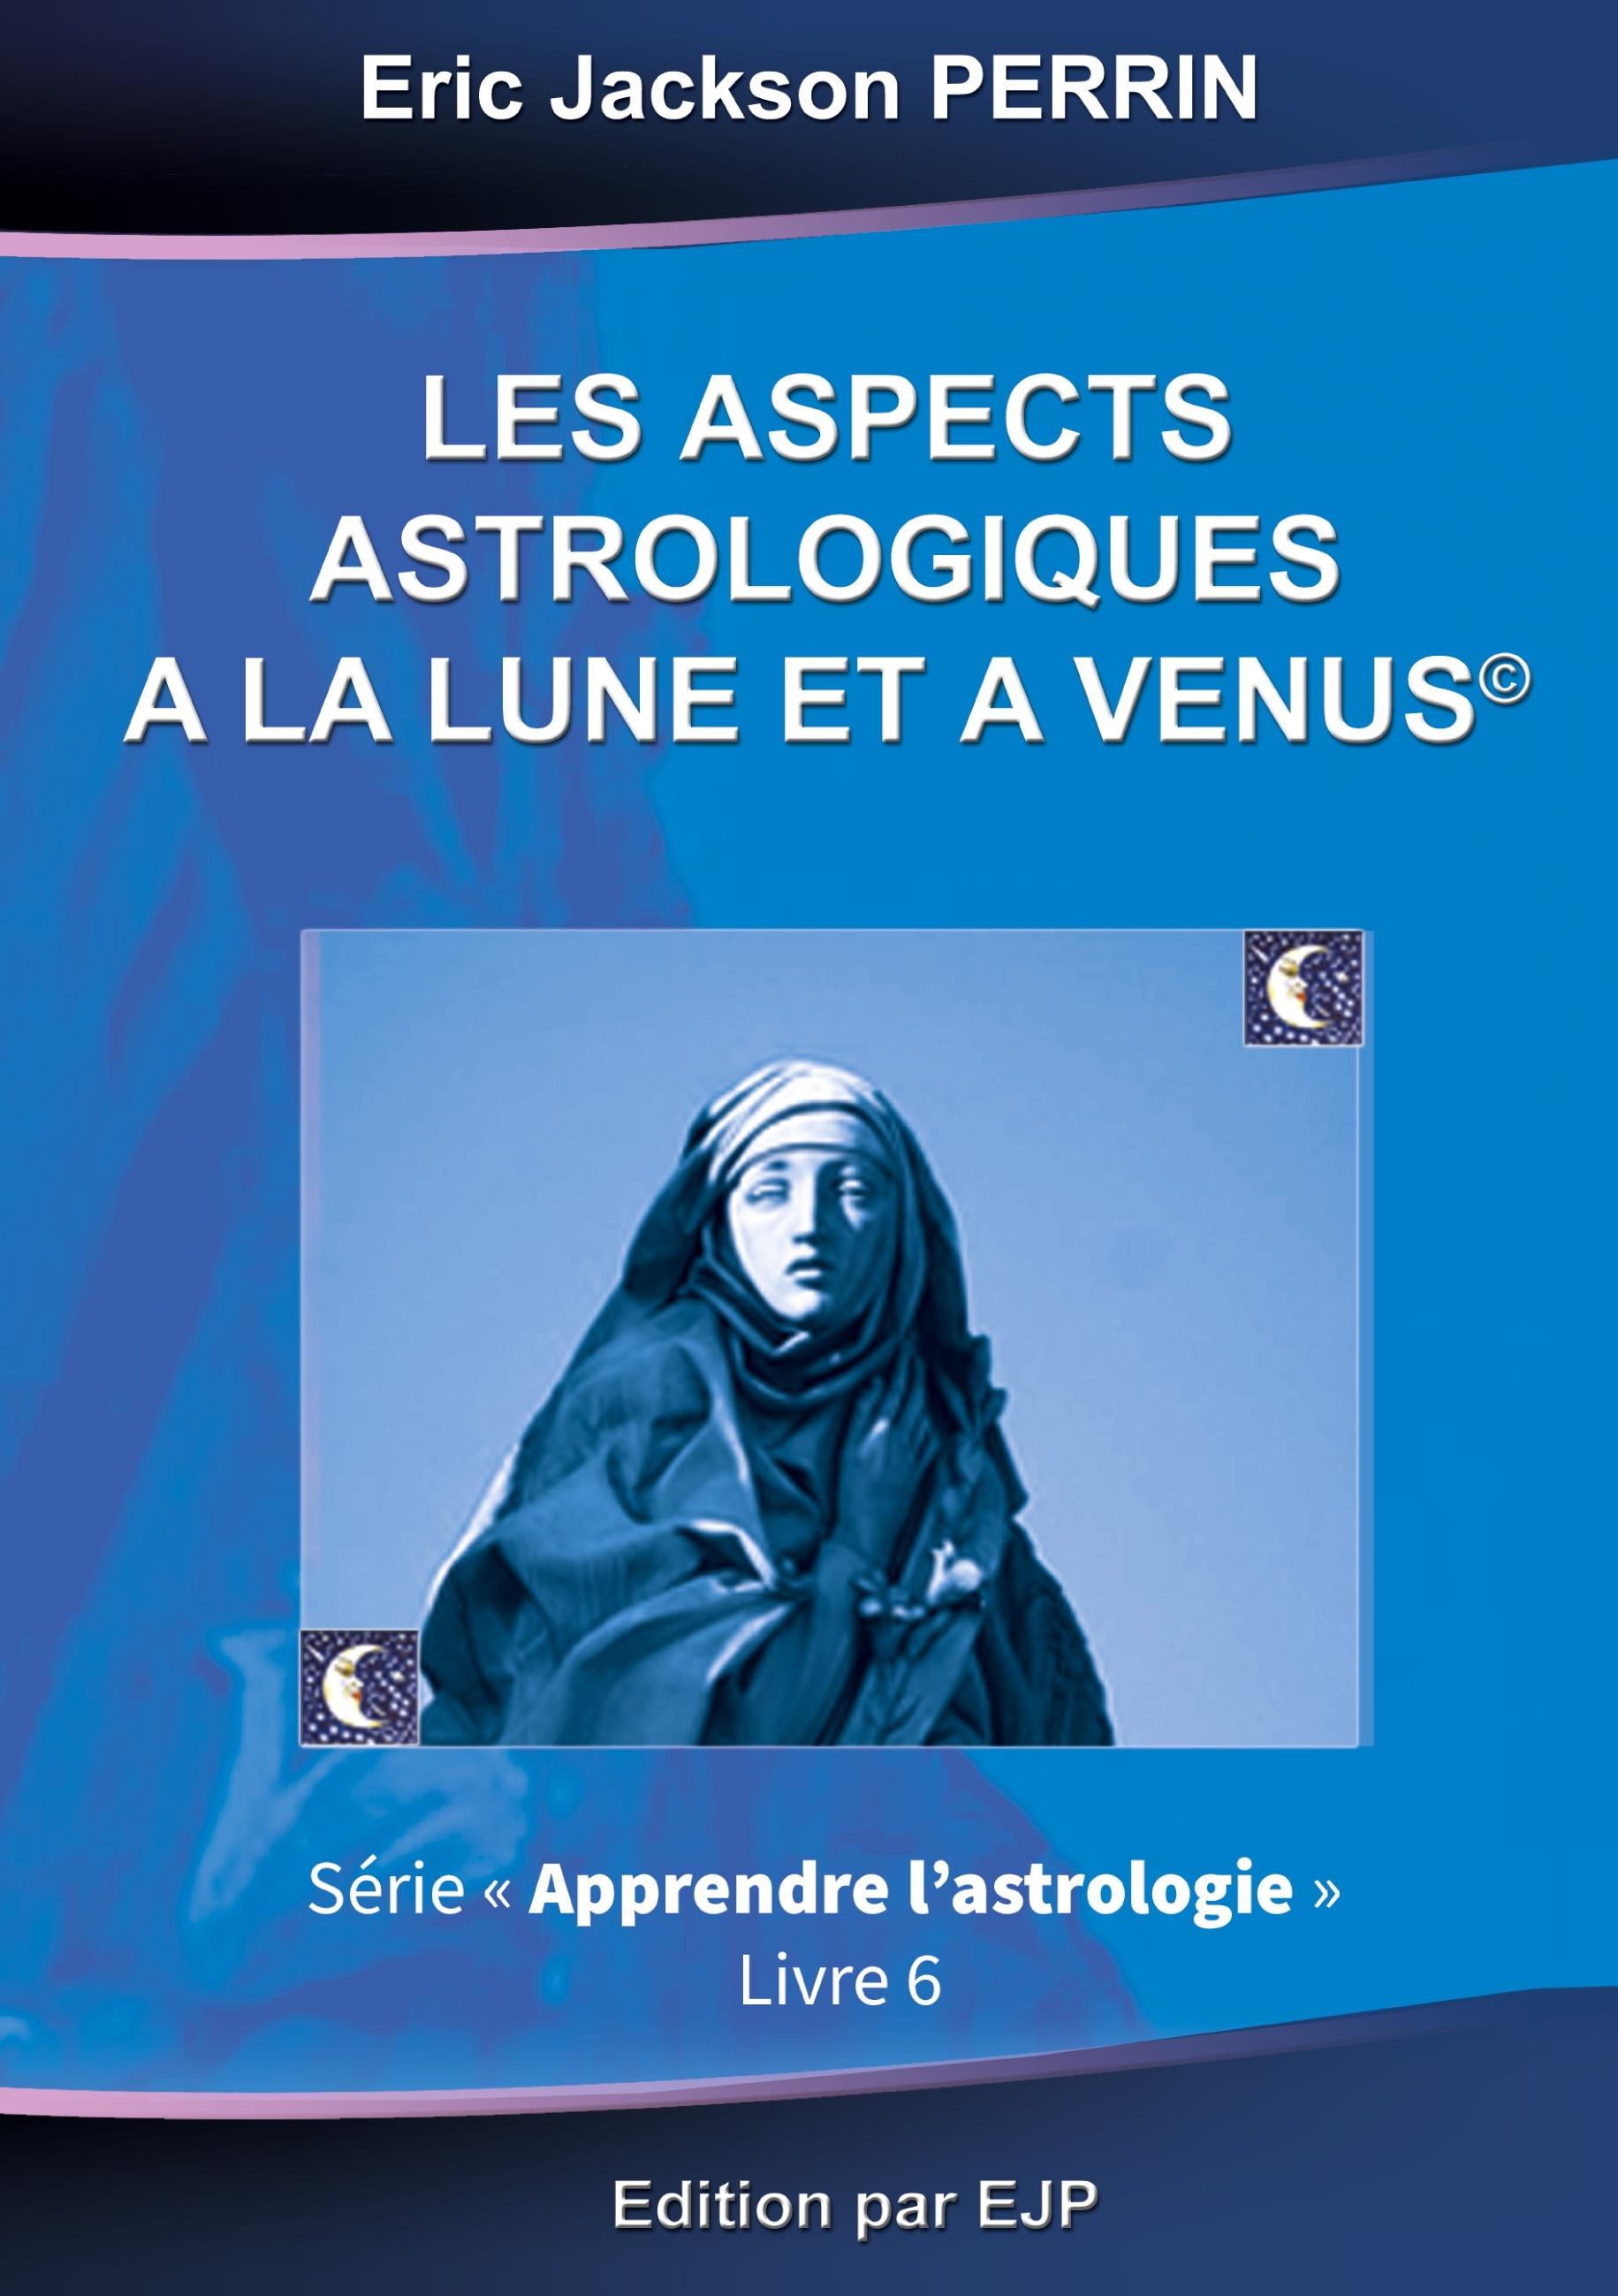 ASTROLOGIE LIVRE 6 LES ASPECTS ASTROLOGIQUES A LA LUNE ET A VENUS